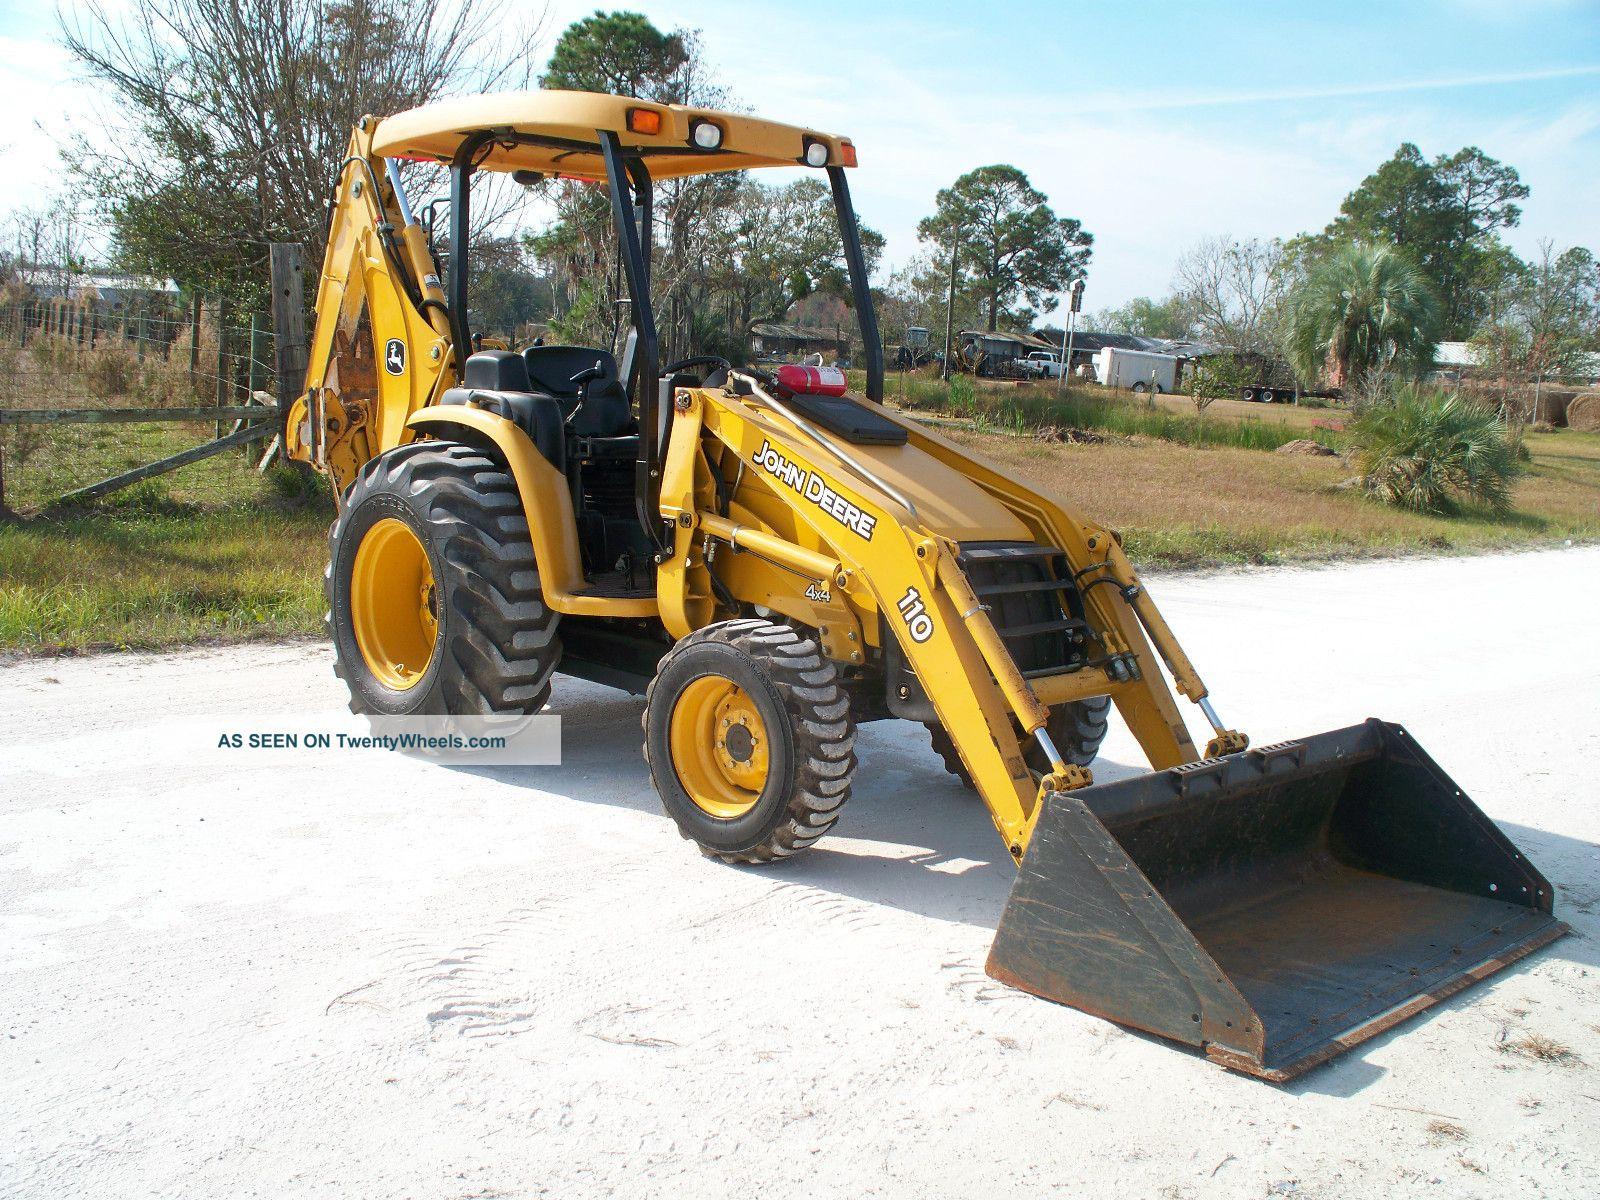 BingImages_226012 john deere 110 tractor loader backhoe john deere compact utility John Deere 110 Backhoe Specs at gsmportal.co